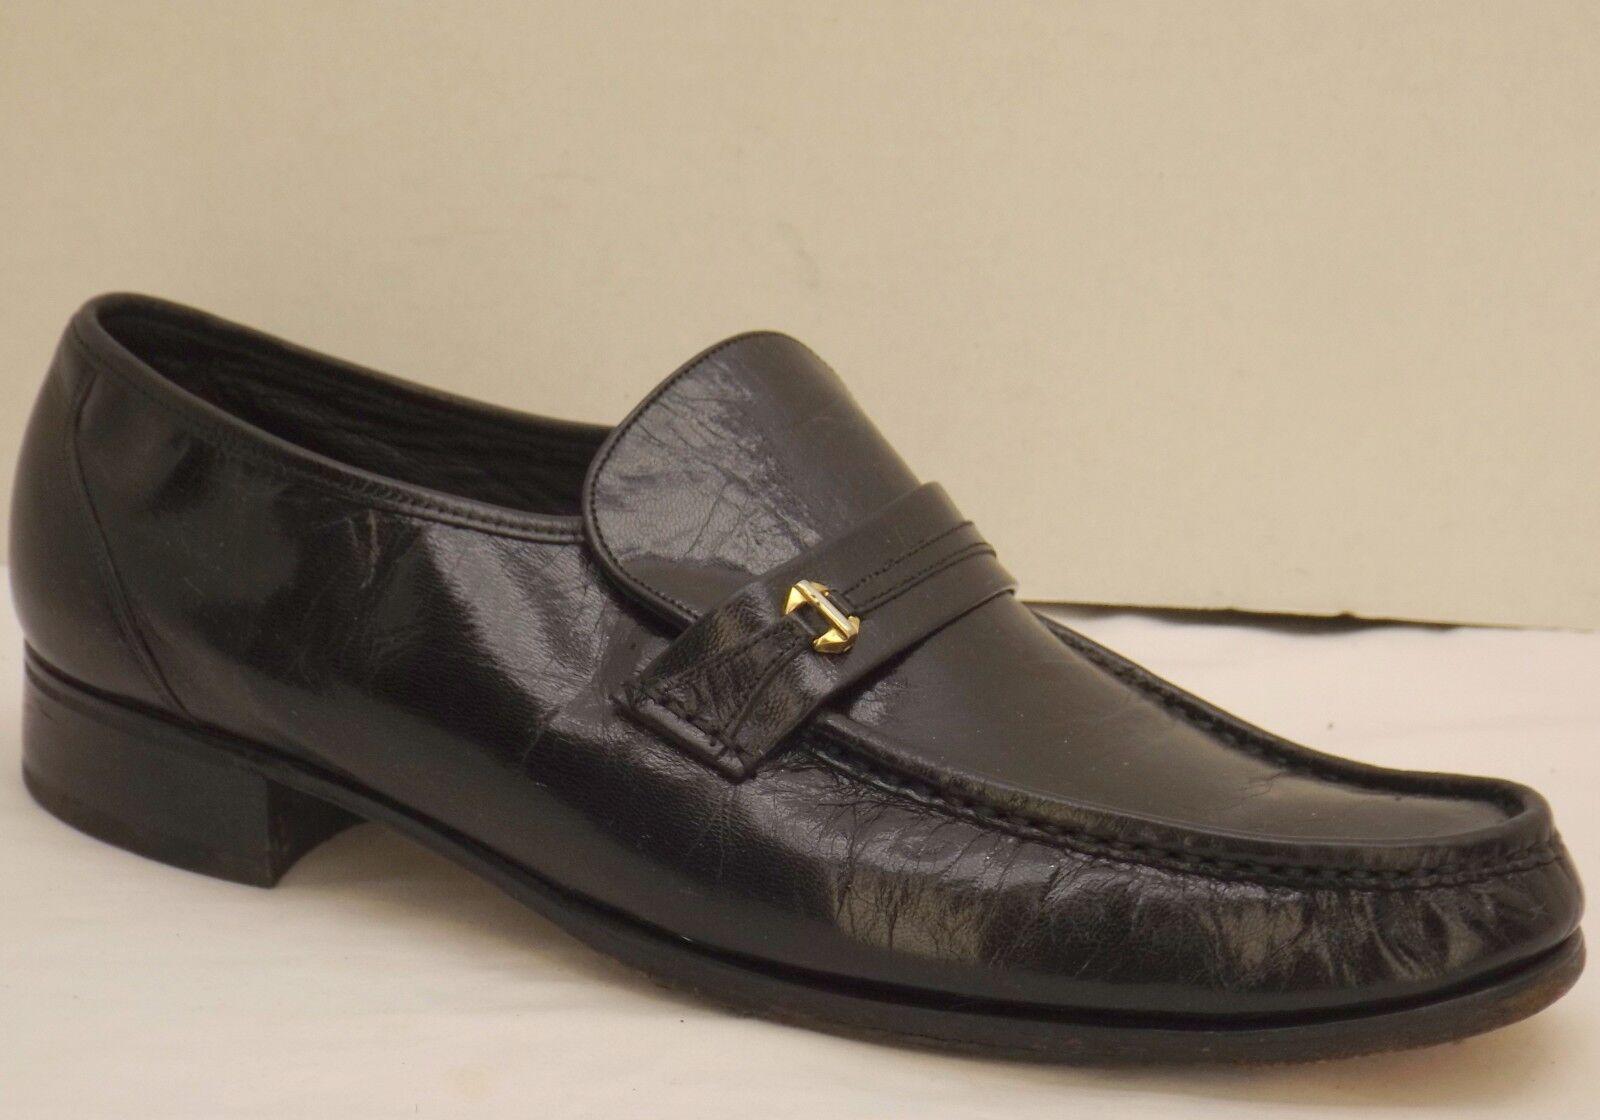 Größe Leder 13 D mens schwarz Leder Größe FLORSHEIM loafers dress schuhe 4a6e37